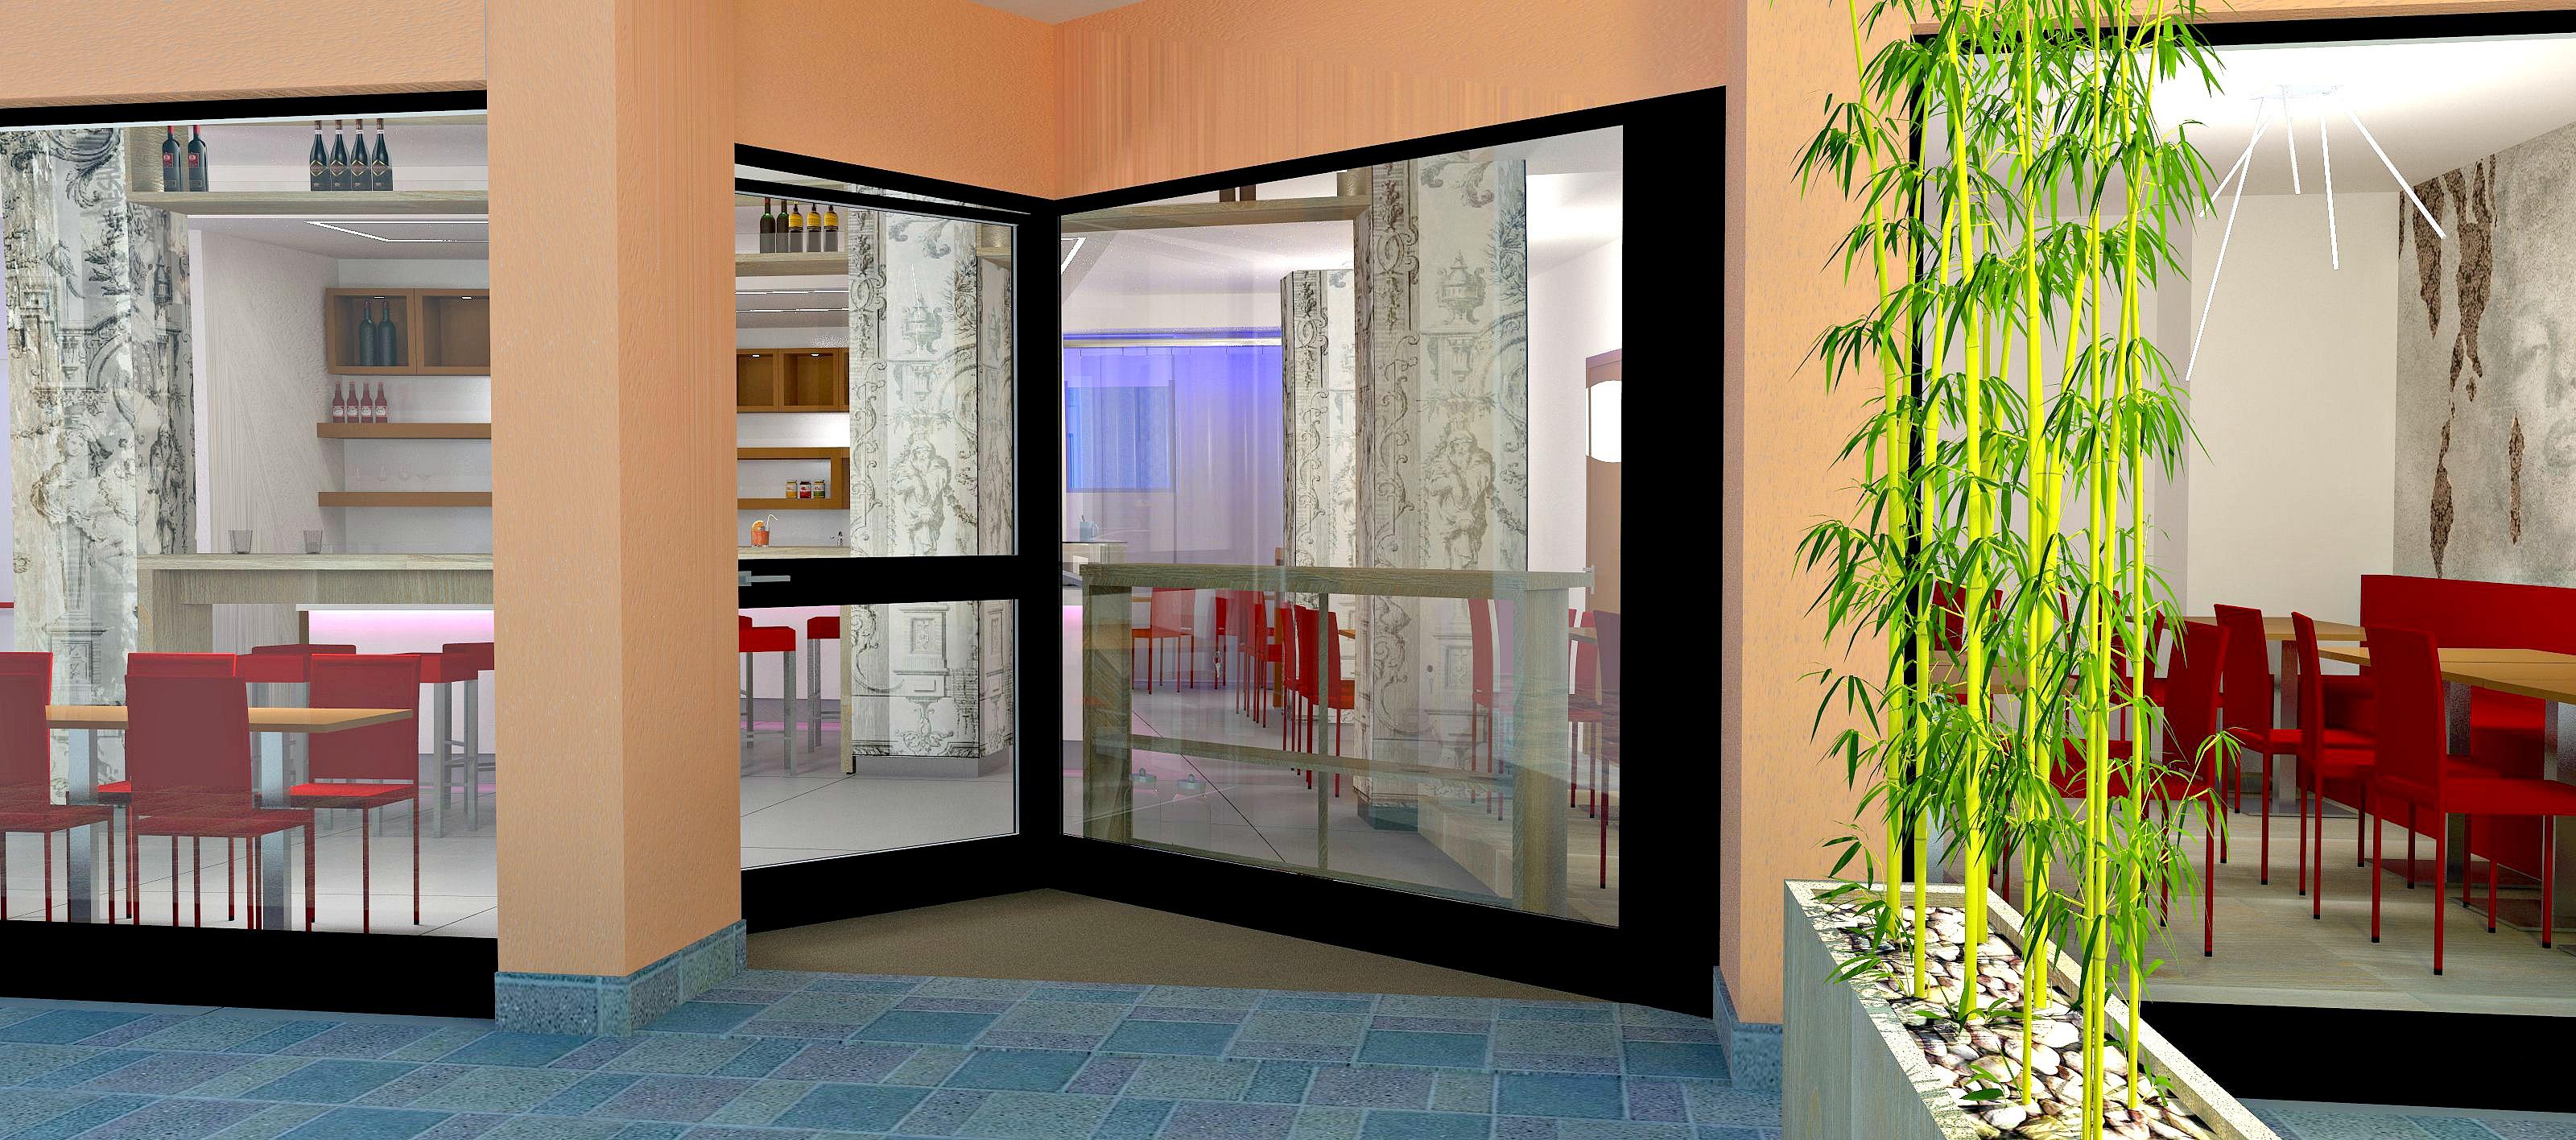 Immagine di un render pensato per l'ingresso alla Caffetteria Panificio Good Morning a Lissone, Brescia